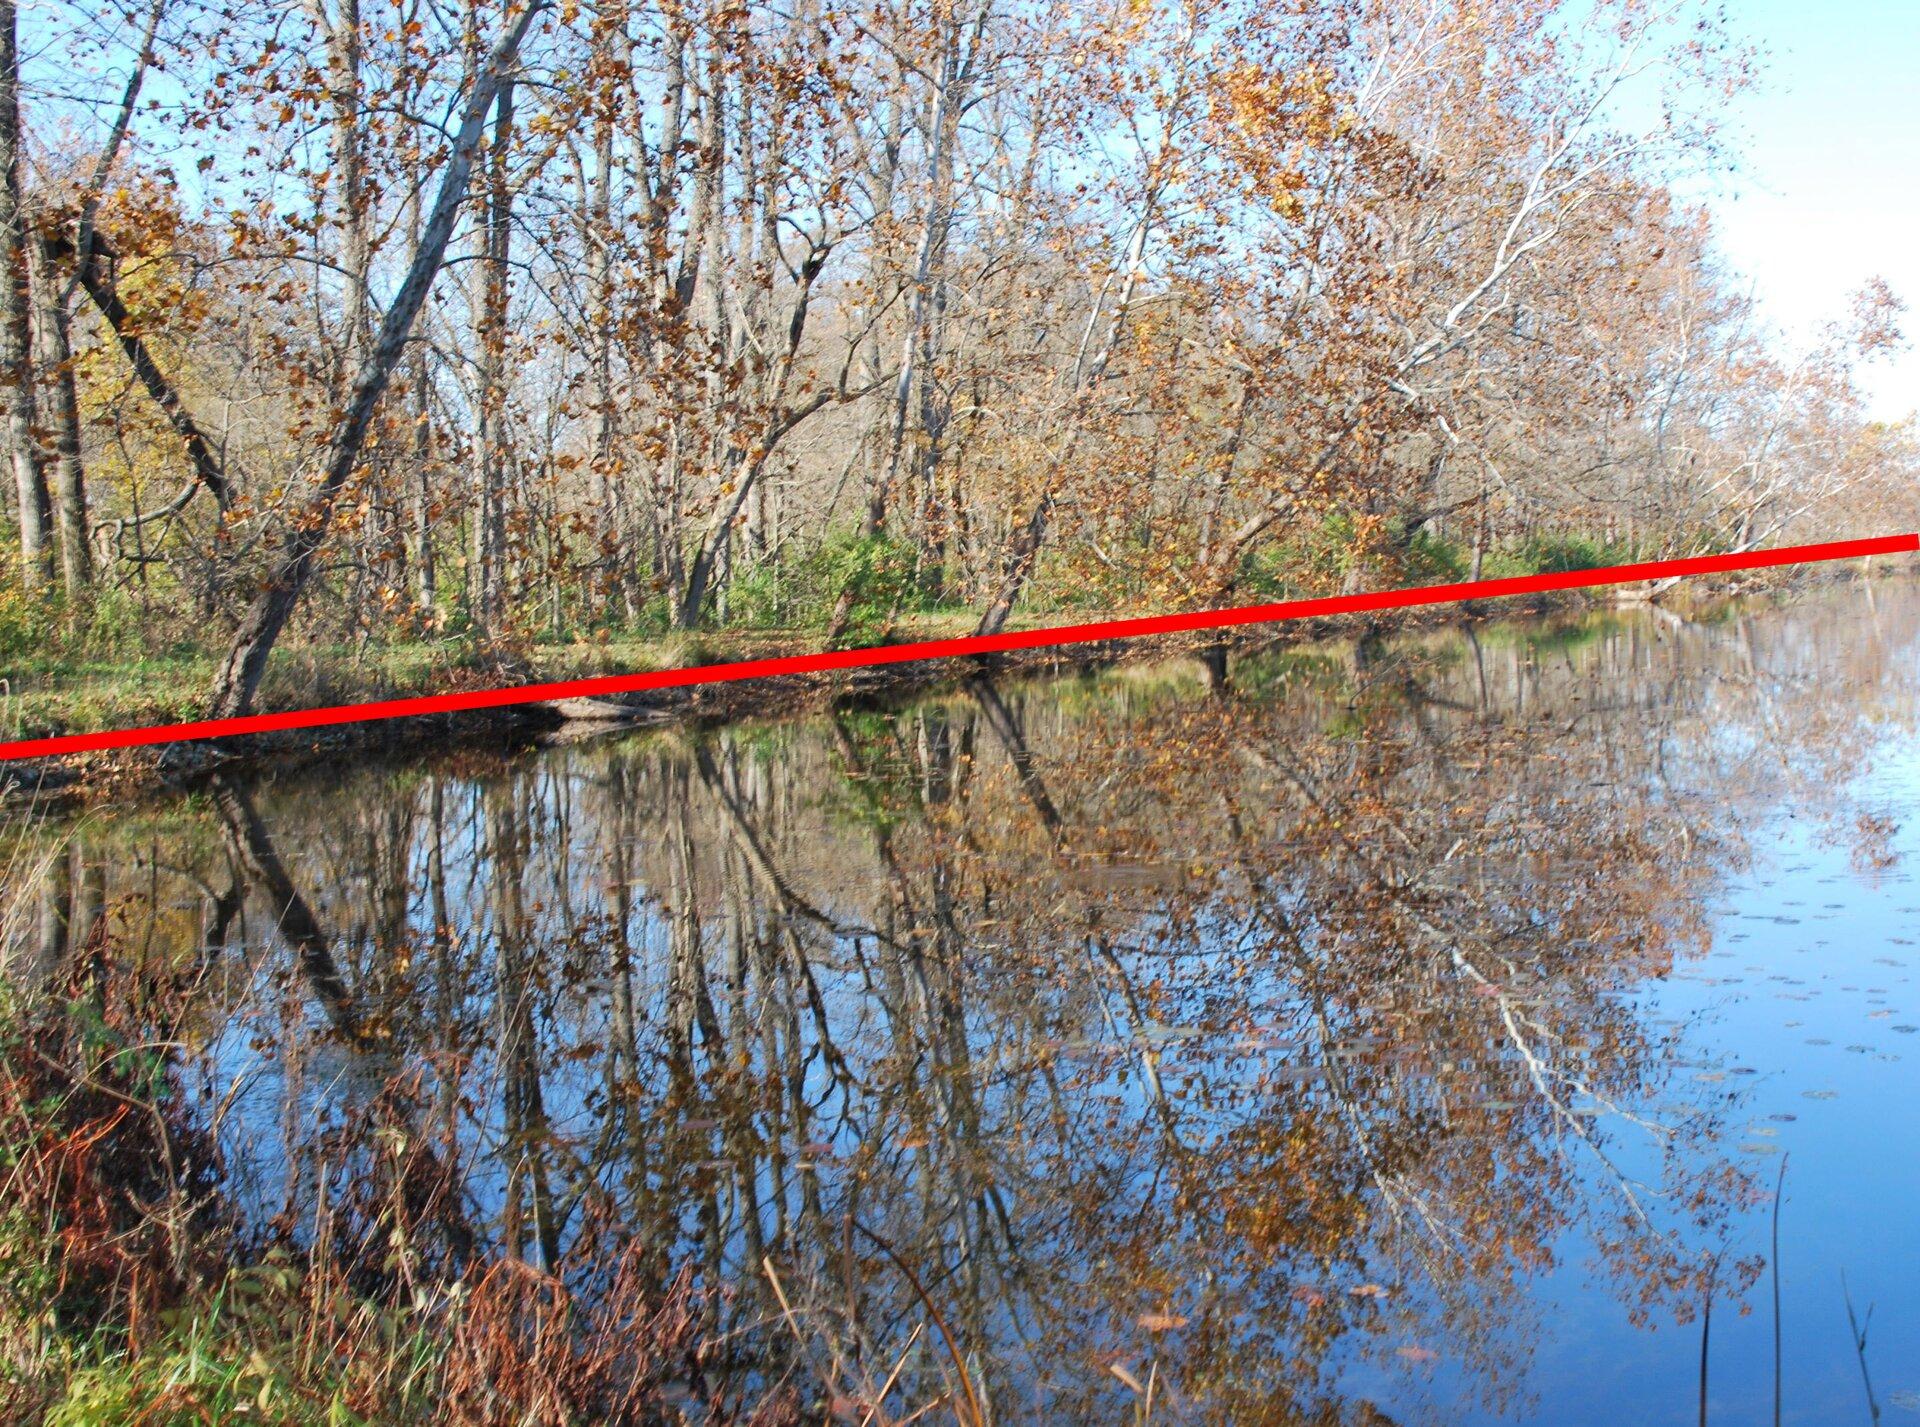 Zdjęcie drzew rosnących wzdłuż brzegu rzeki iodbicie tych drzew wwodzie zpoprowadzoną osią symetrii.